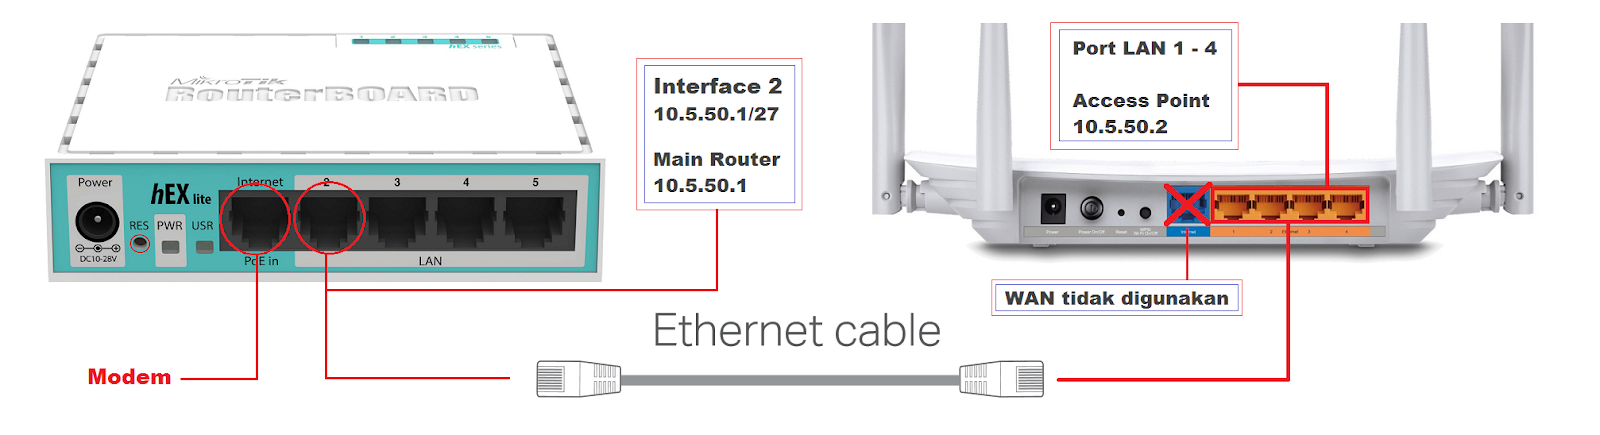 Cara Mengkonfigurasi Router TP-LINK Archer C50 sebagai